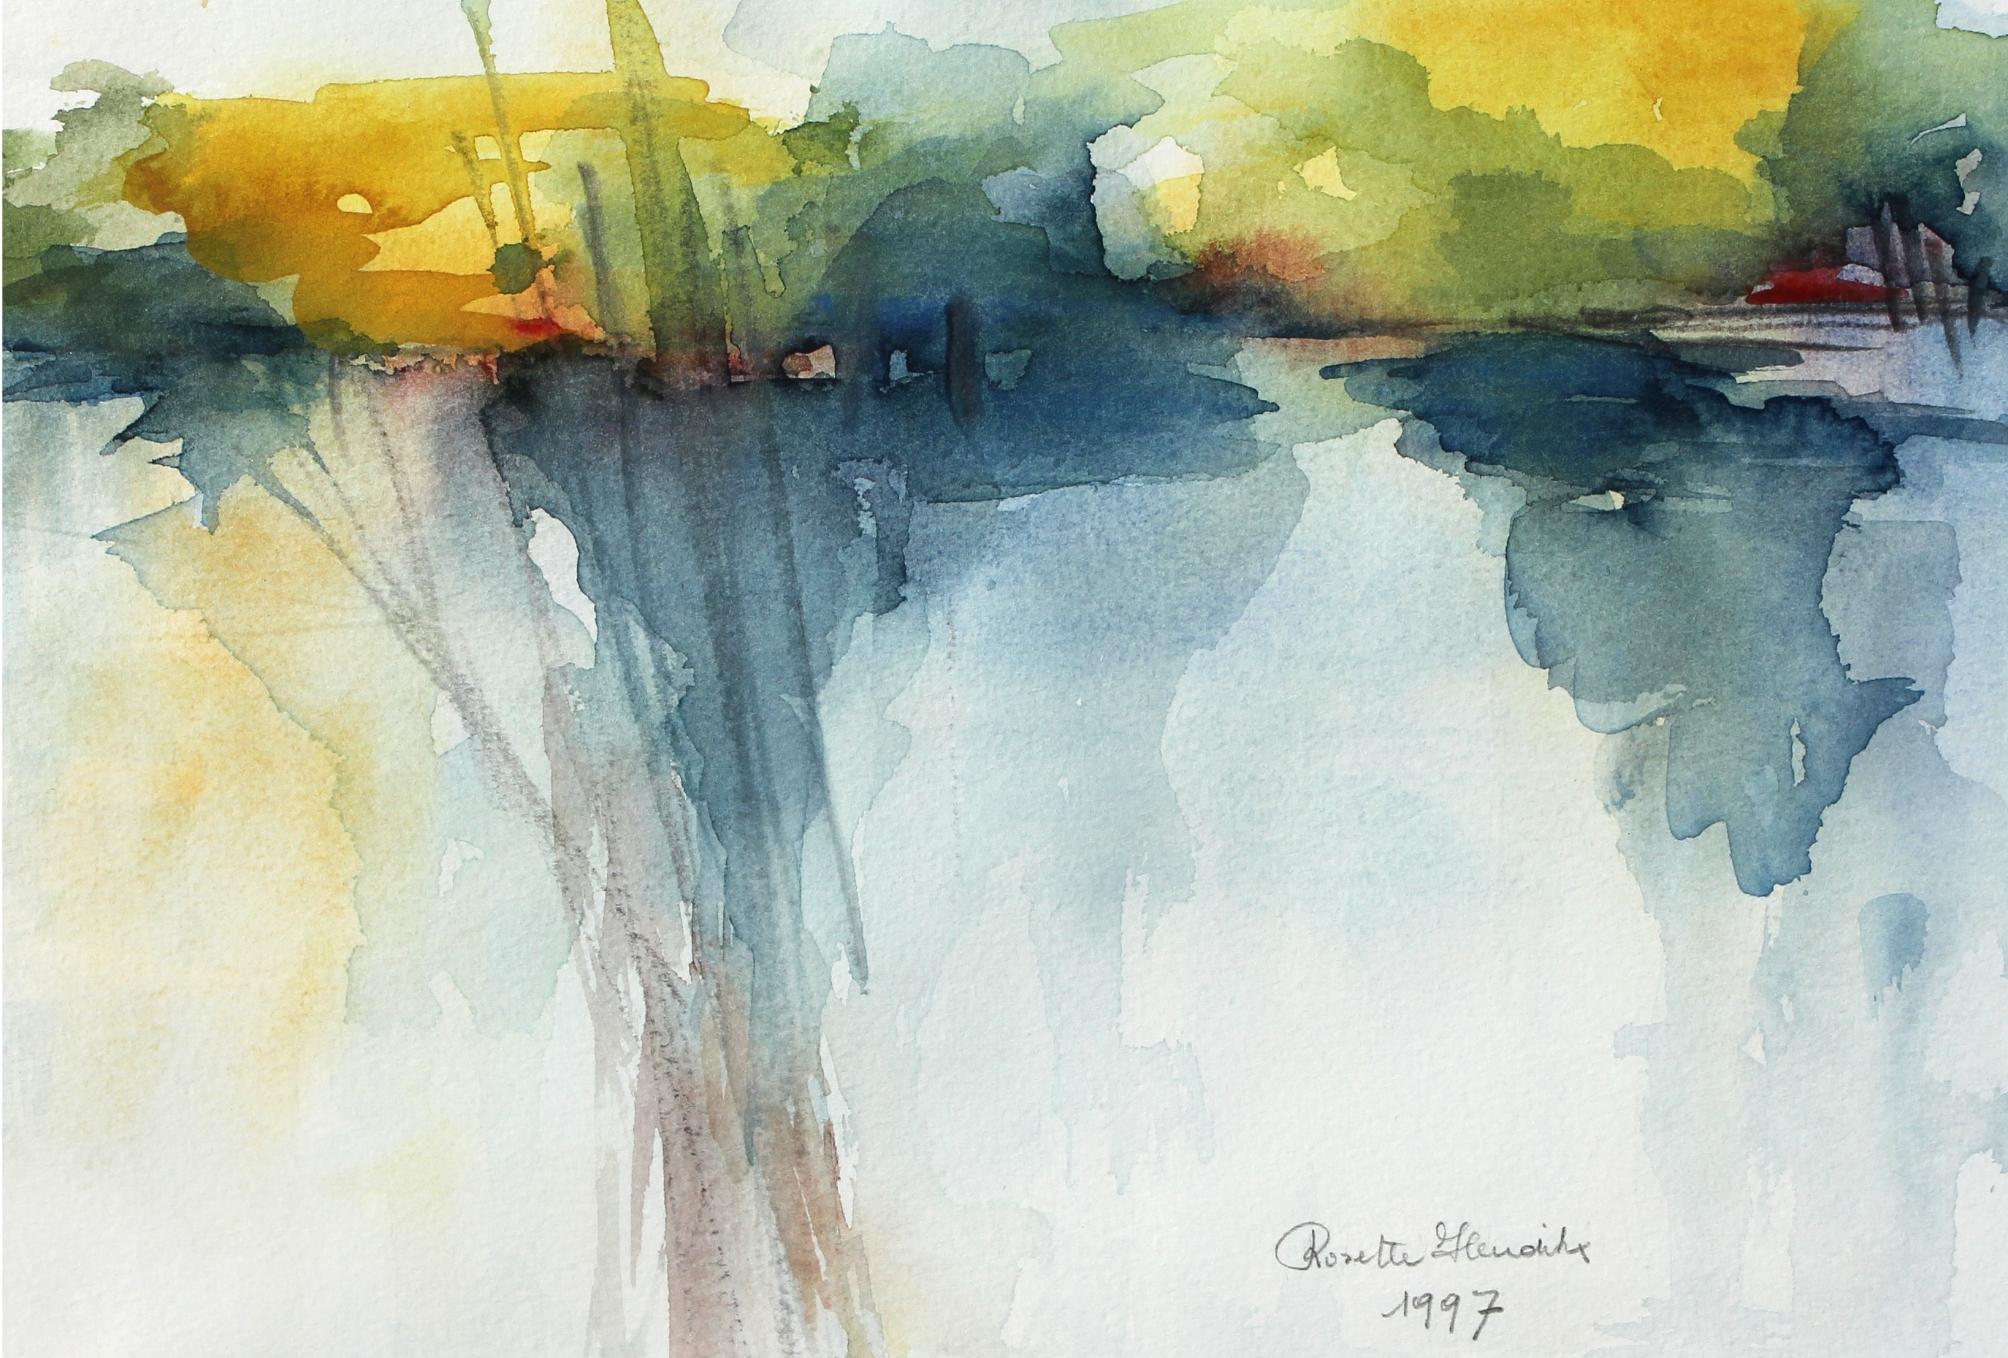 Rosette Hendrikx